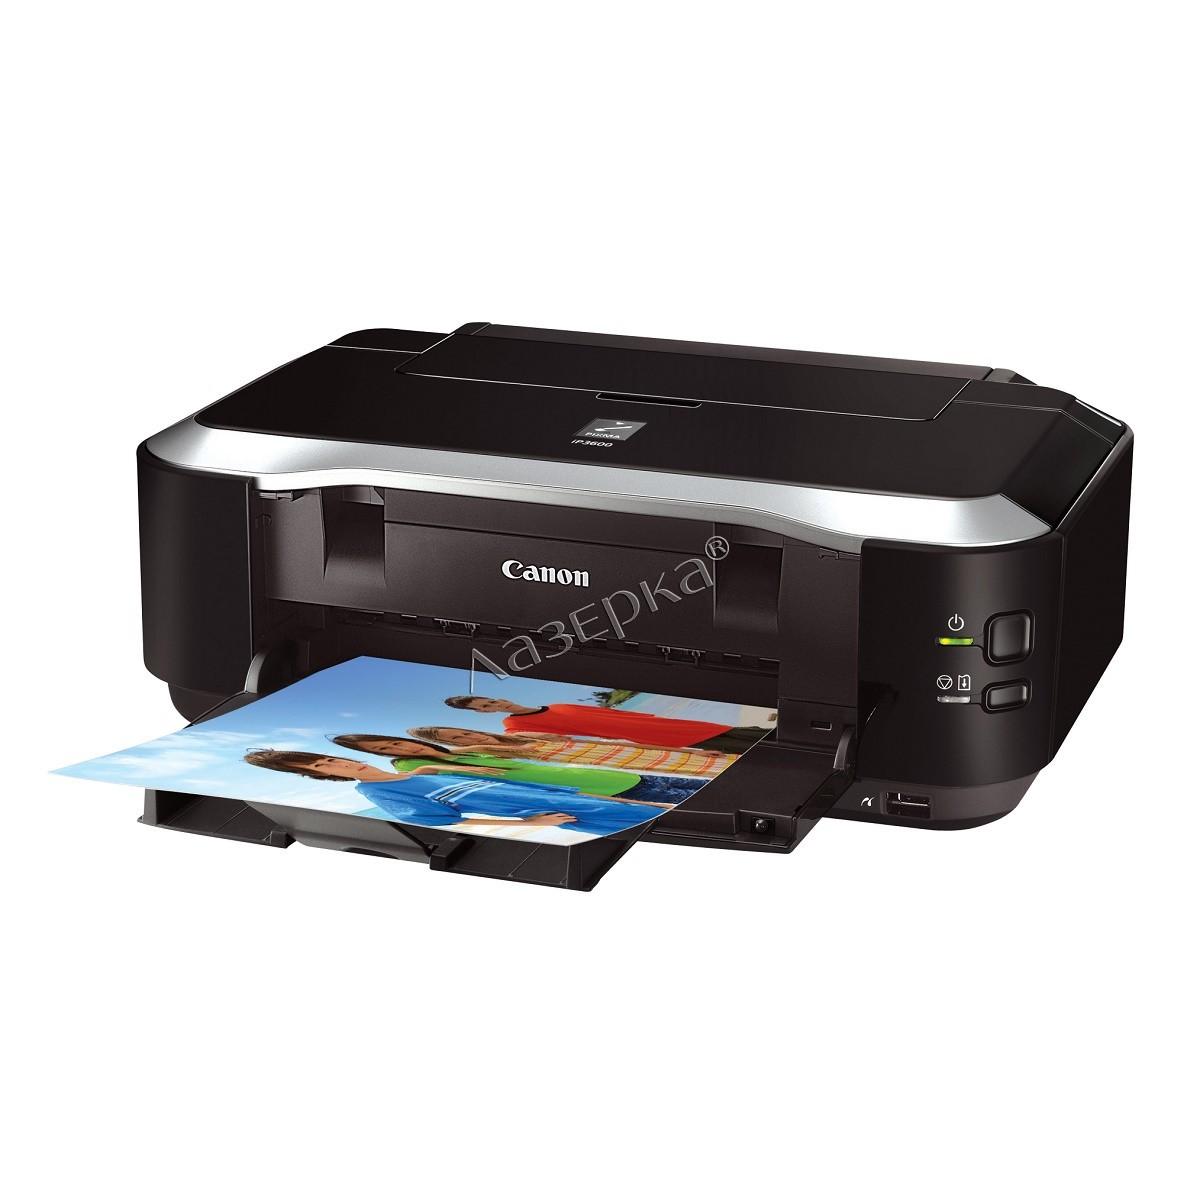 Скачать драйвер для принтера canon ip3600 бесплатно